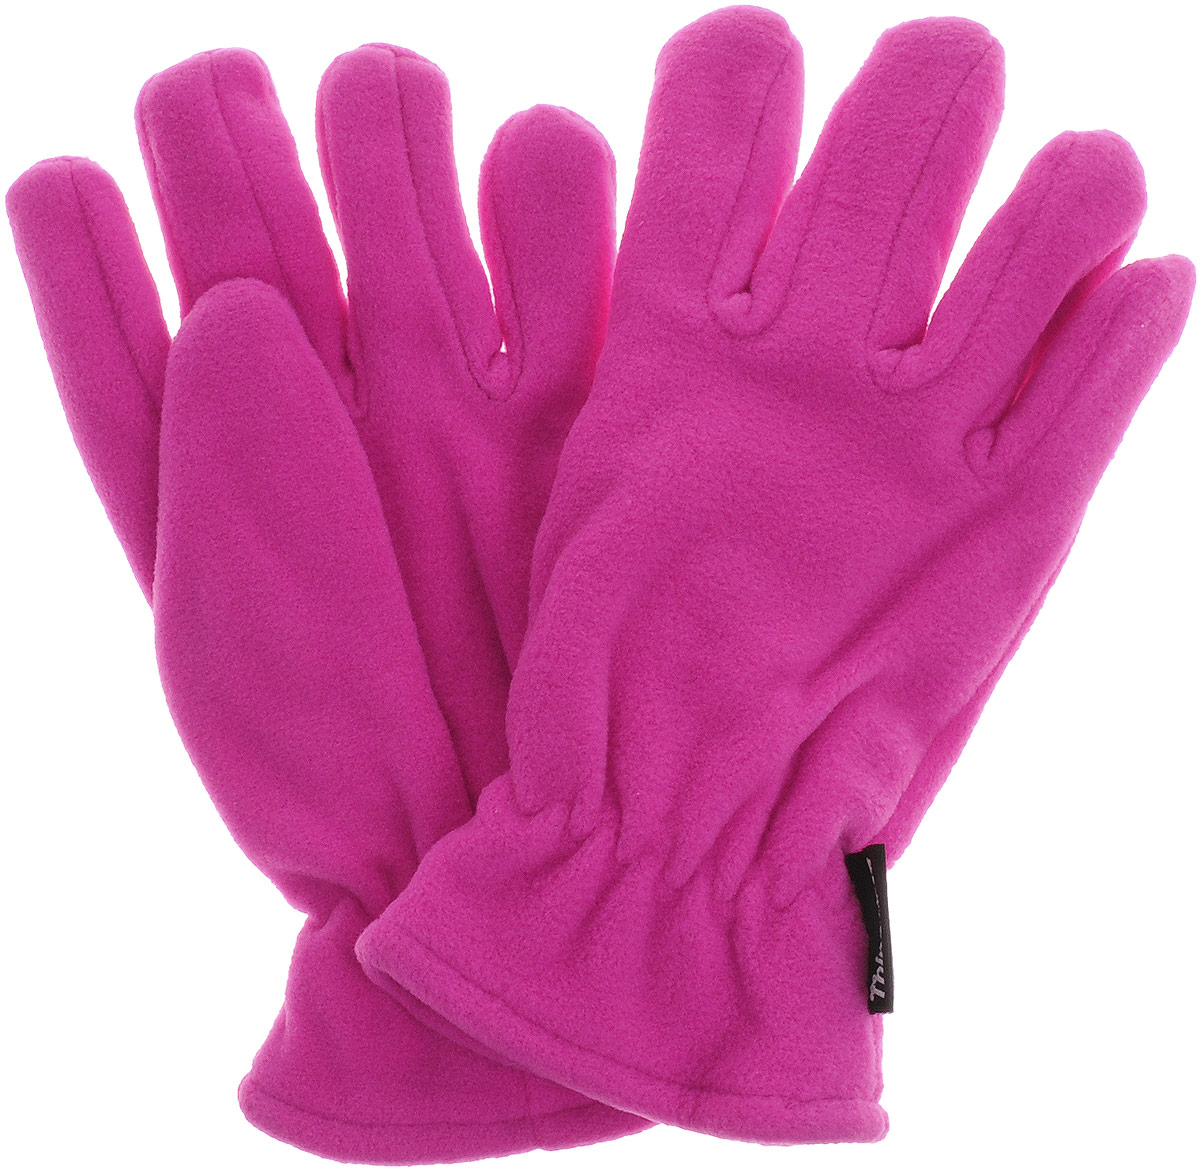 Перчатки-варежки женские Ignite, цвет: розовый. B-3610. Размер 6,5B-3610Женские флисовые перчатки-варежки R.Mountain не только защитят ваши руки, но и станут великолепным украшением. Изделие представляет собой перчатки без пальцев, к внешней стороне которых крепится капюшон, накинув его на пальцы, перчатки превращаются в варежки. Капюшон фиксируется на перчатке при помощи липучки. Специальная резинка на пульсе не допустит попадания снега и надёжно удержит перчатки на руке.